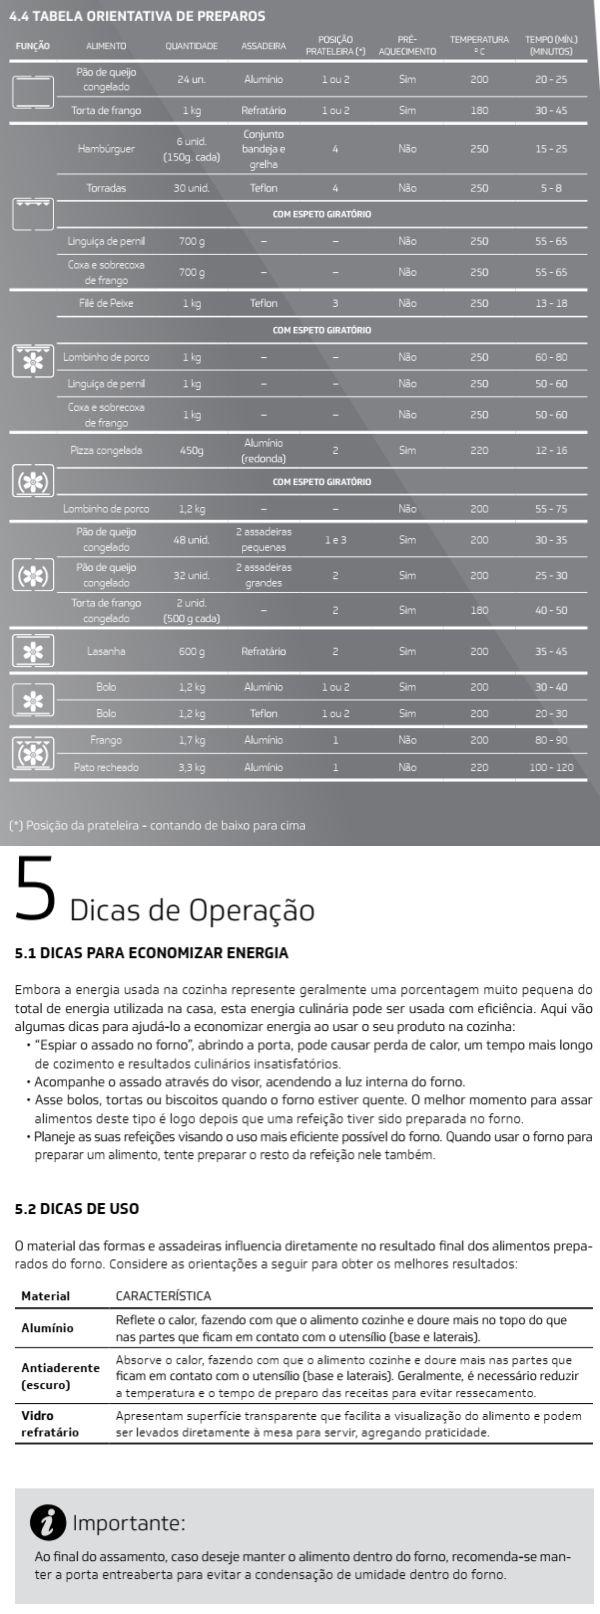 Forno elétrico Brastemp BOC90 - usando produto 6